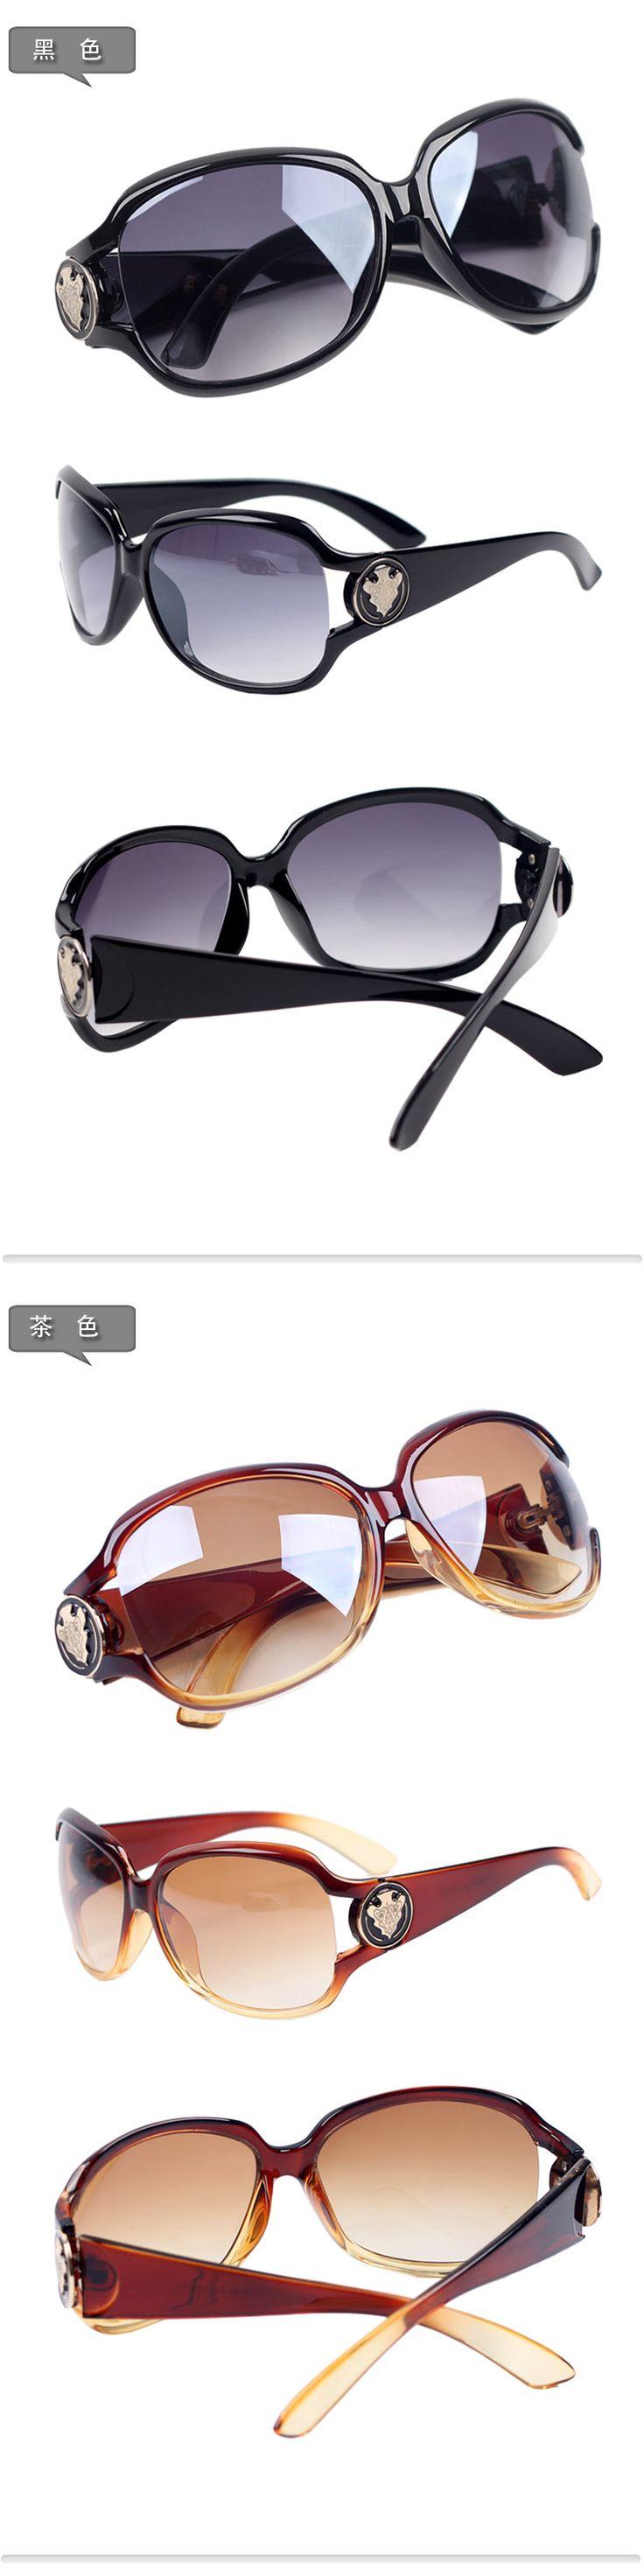 Tide женщина звезда модели солнцезащитных очков очки поляризованных солнцезащитных очков 2016 года новый Г-жа же пункте Корейский ретро круглые глаза -tmall.com Lynx